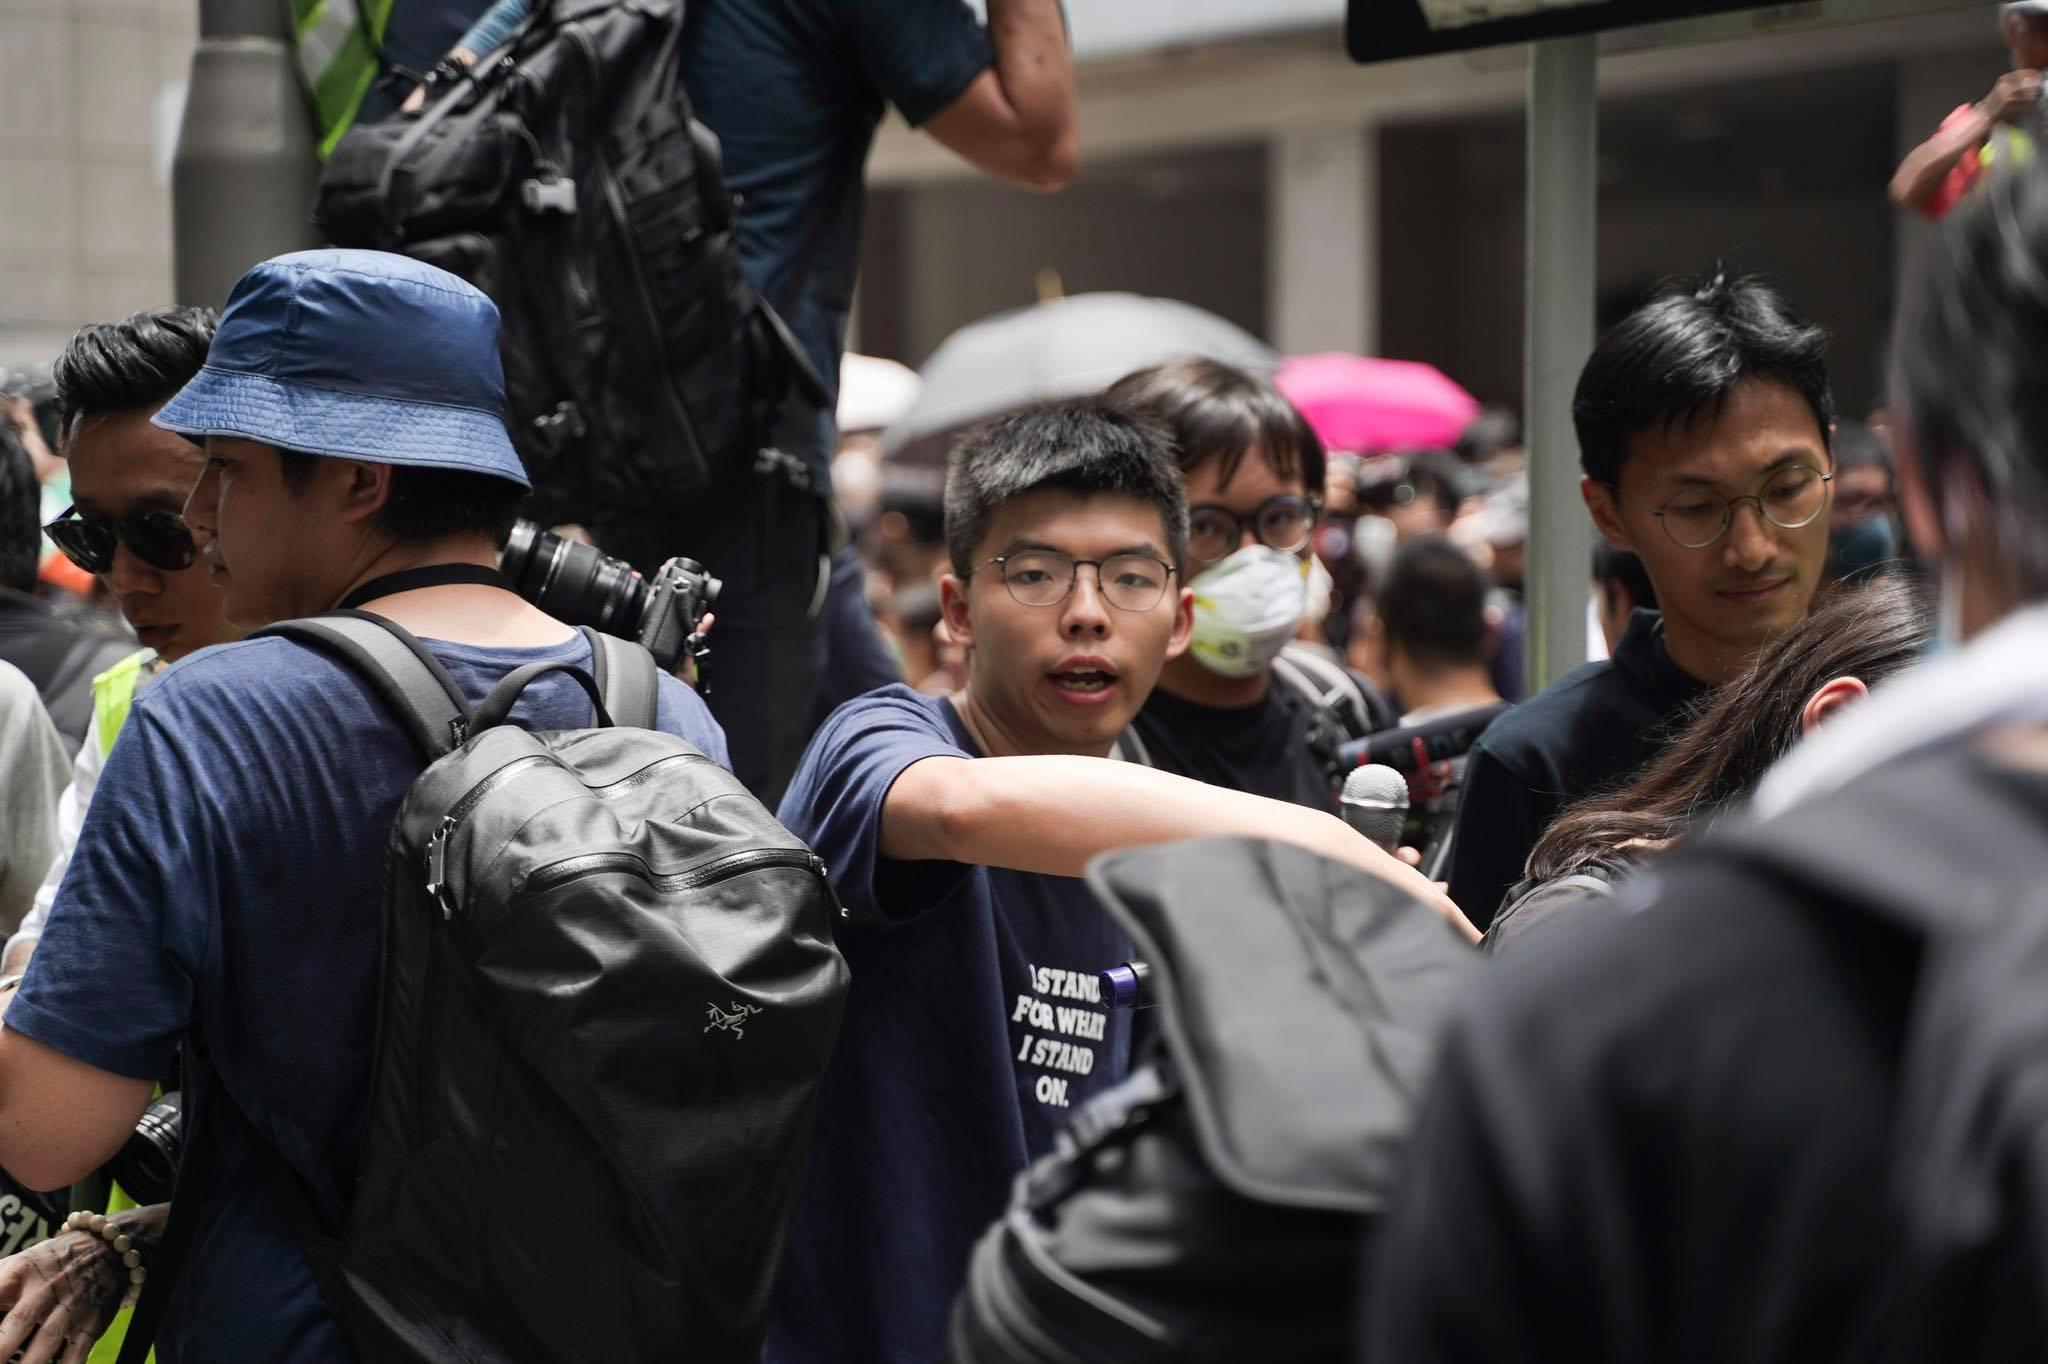 黃之鋒早在2月15日投書媒體警告台灣人,「入境香港恐成李明哲第二」。圖片來源:黃之鋒 Joshua Wong/Facebook